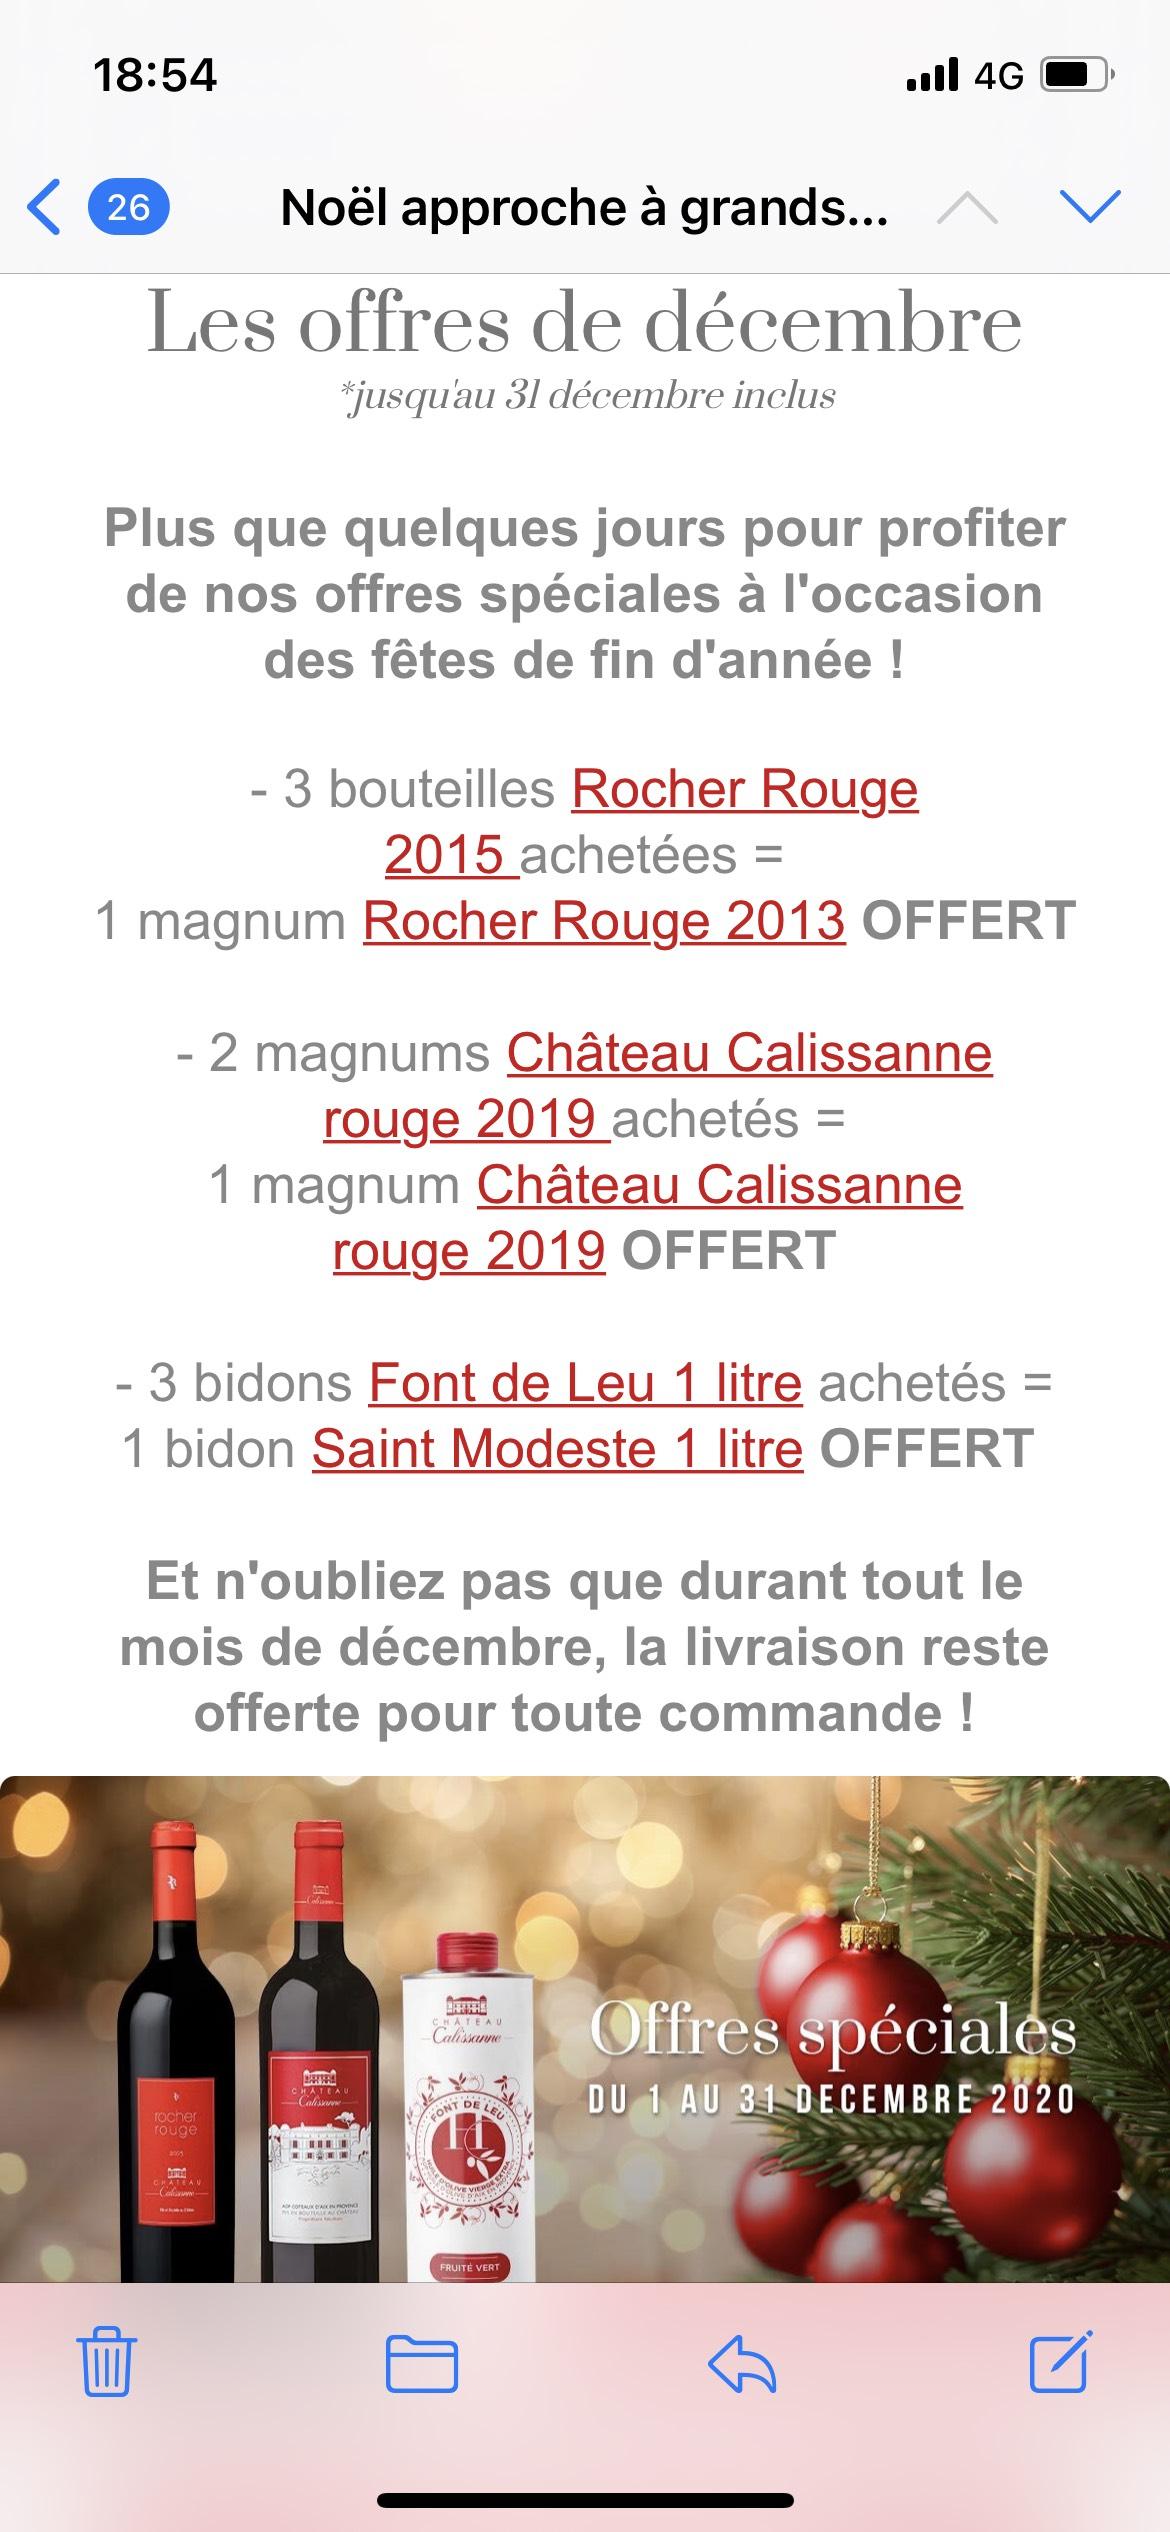 Sélection d'offres promotionnelles (calissanneboutique.fr)